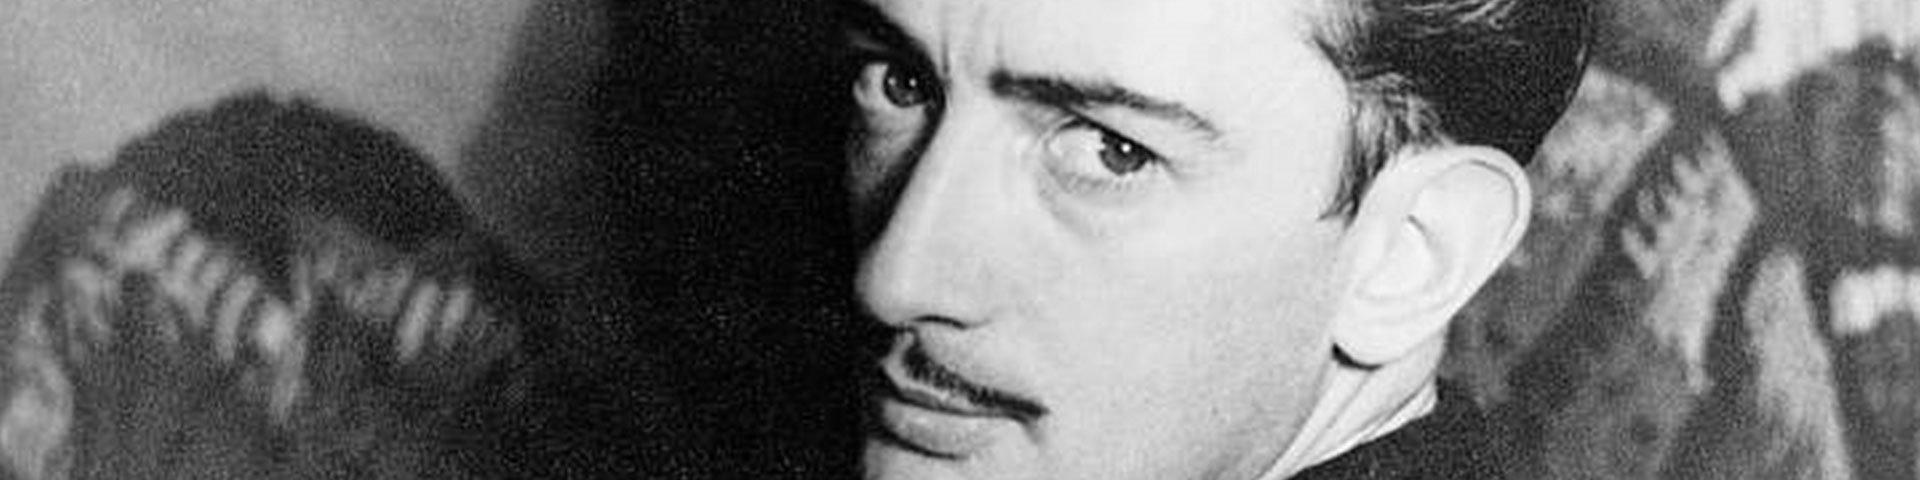 Dalí: la Academia de San Fernando y los años en la Residencia